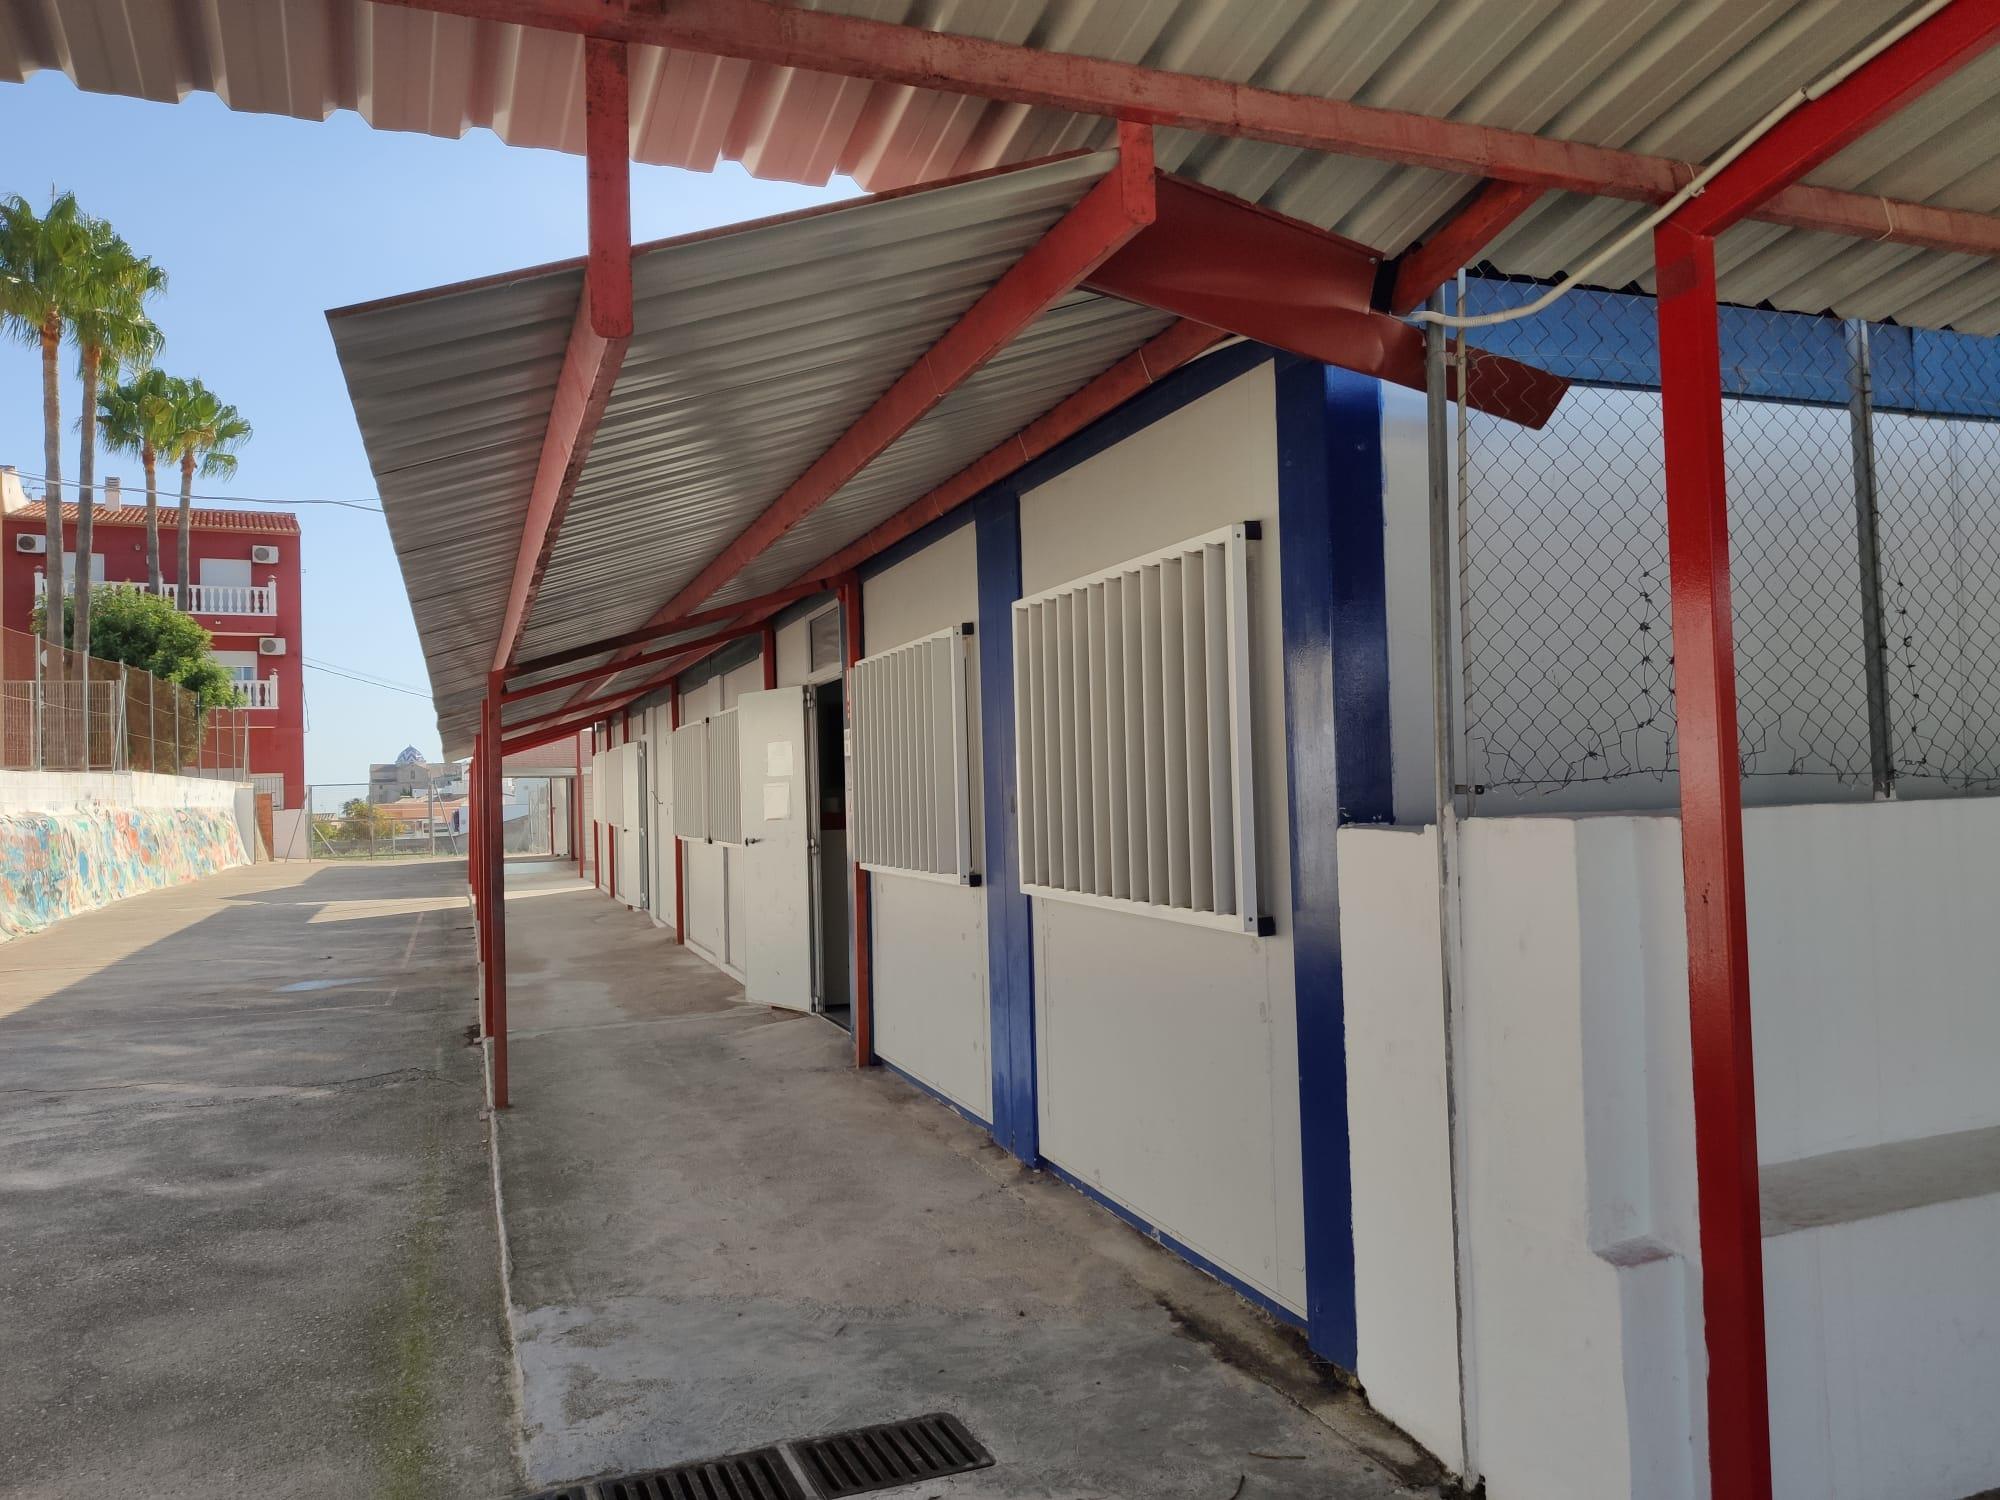 Aulas prefabricadas en el CEIP Santa María Magdalena de Benitatxell